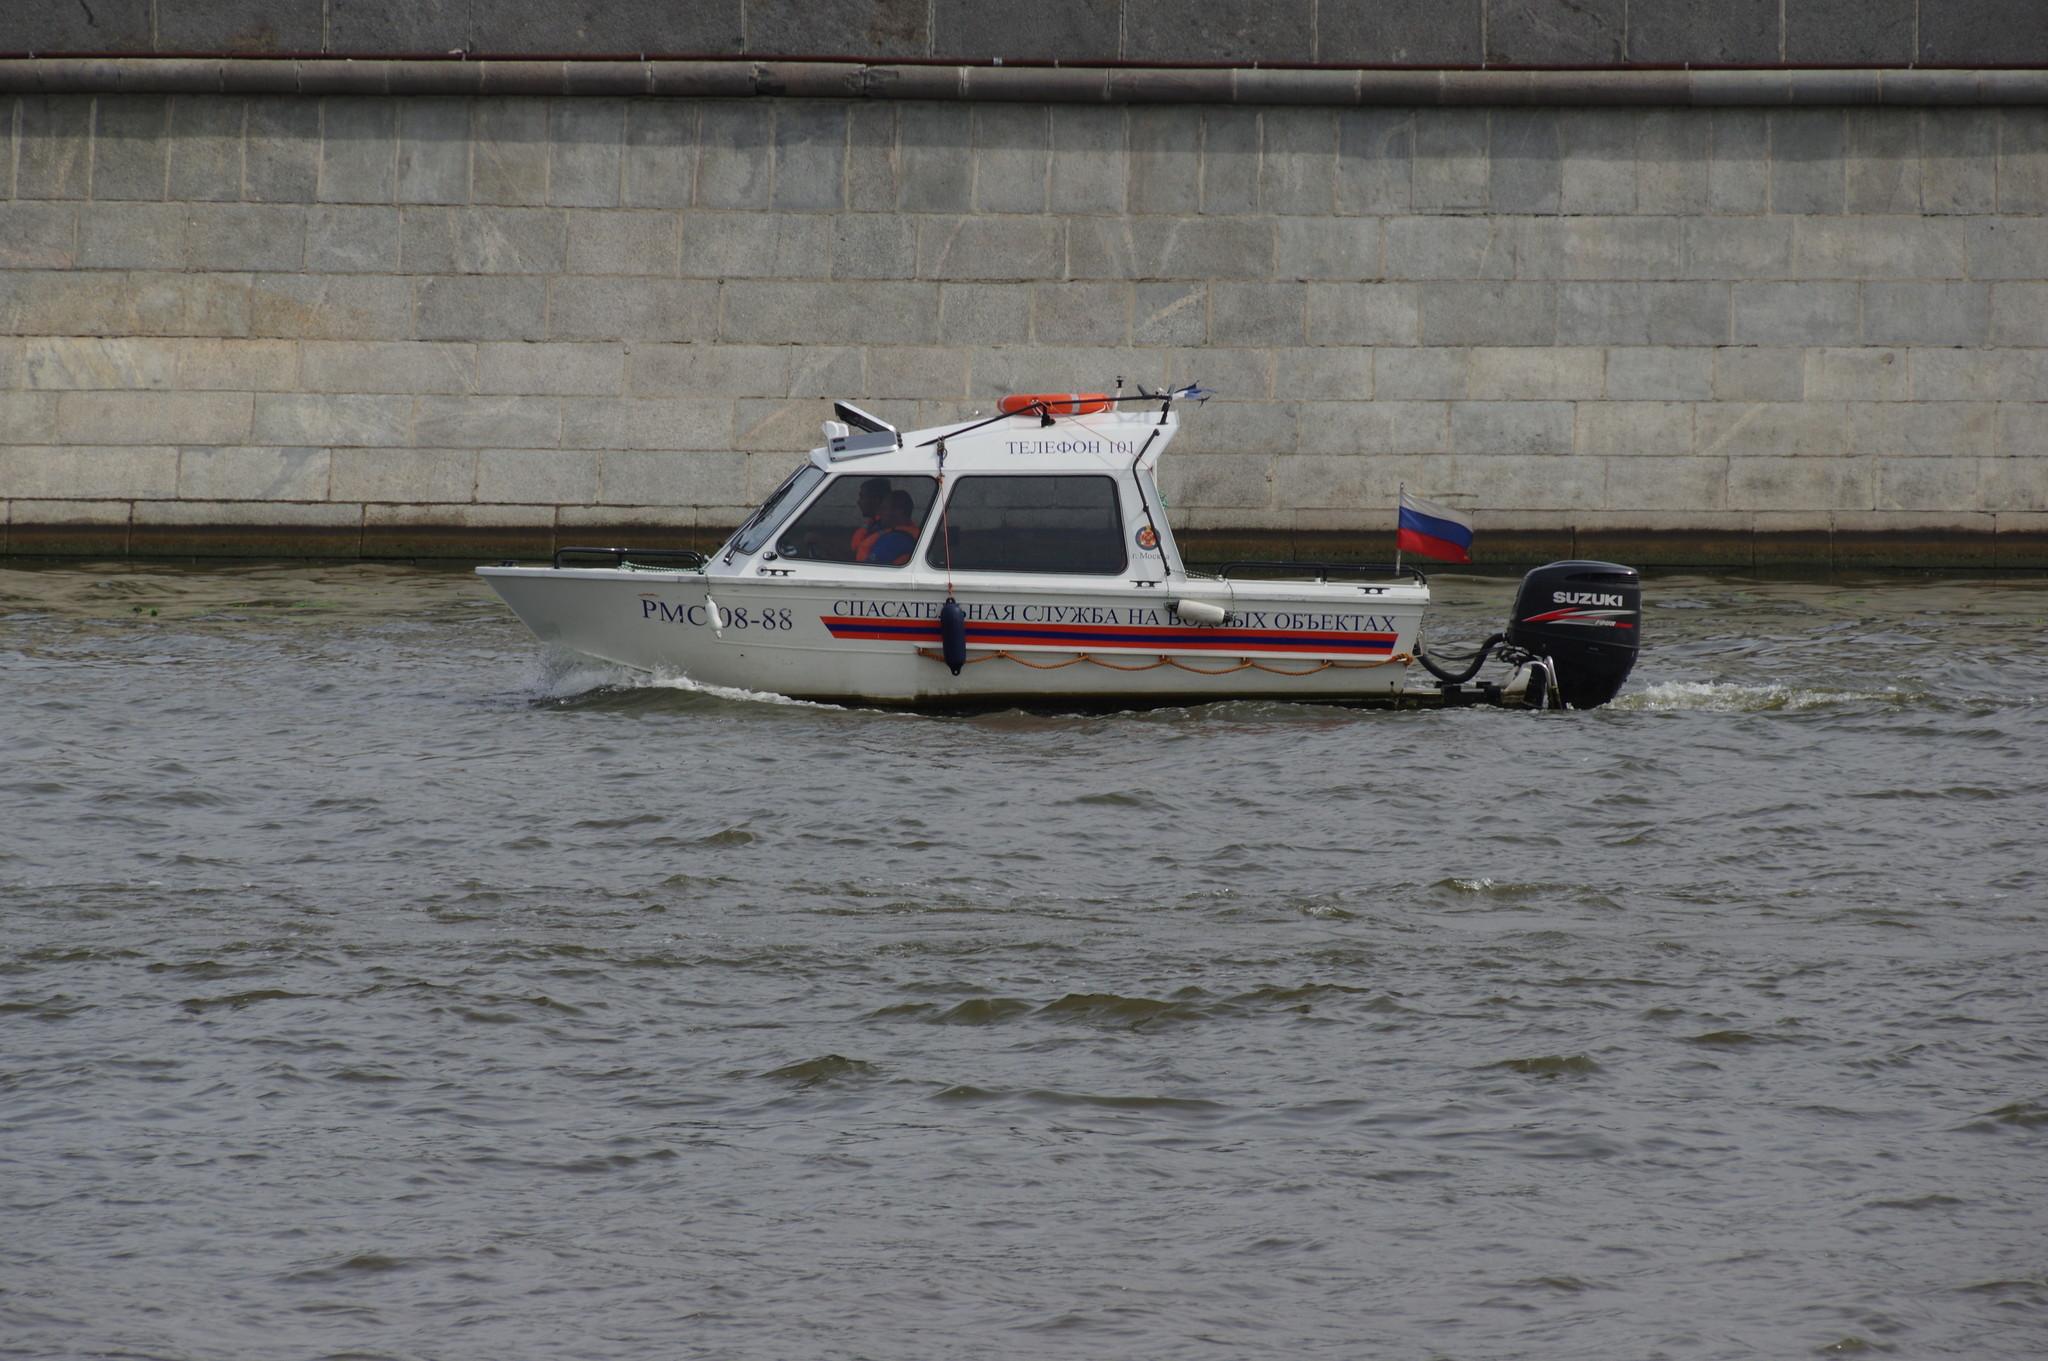 Маломерное судо (Тип NorthSilver) РМС 08-88. Спасательная служба на водных объектах